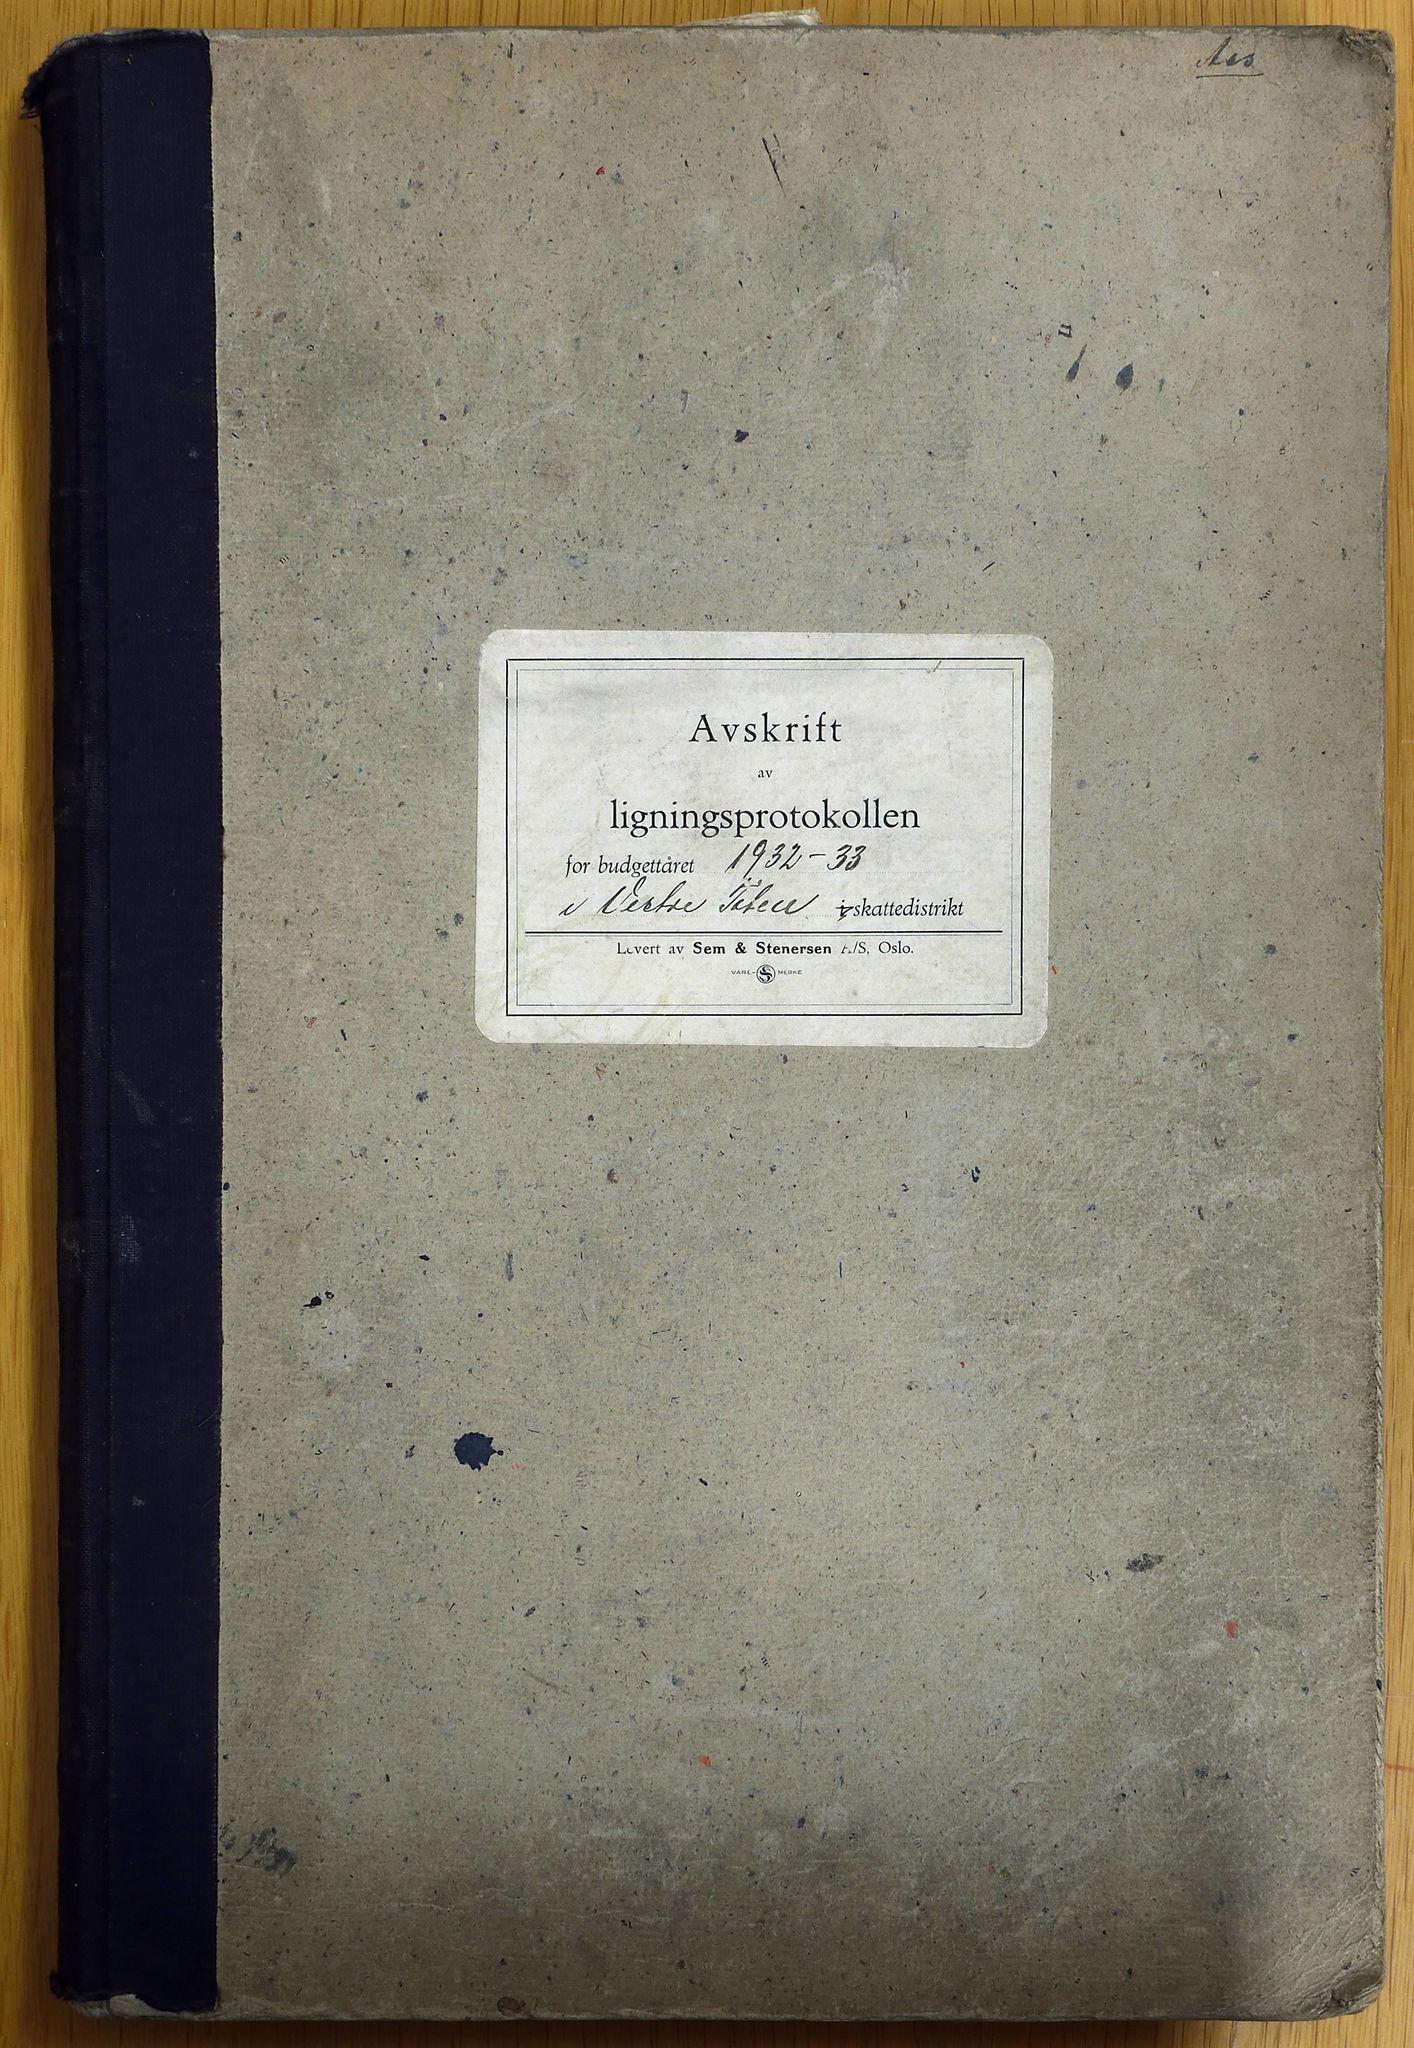 KVT, Vestre Toten municipality archive:  Vestre Toten municipality tax assessment protocol 1932-1933, 1932-1933